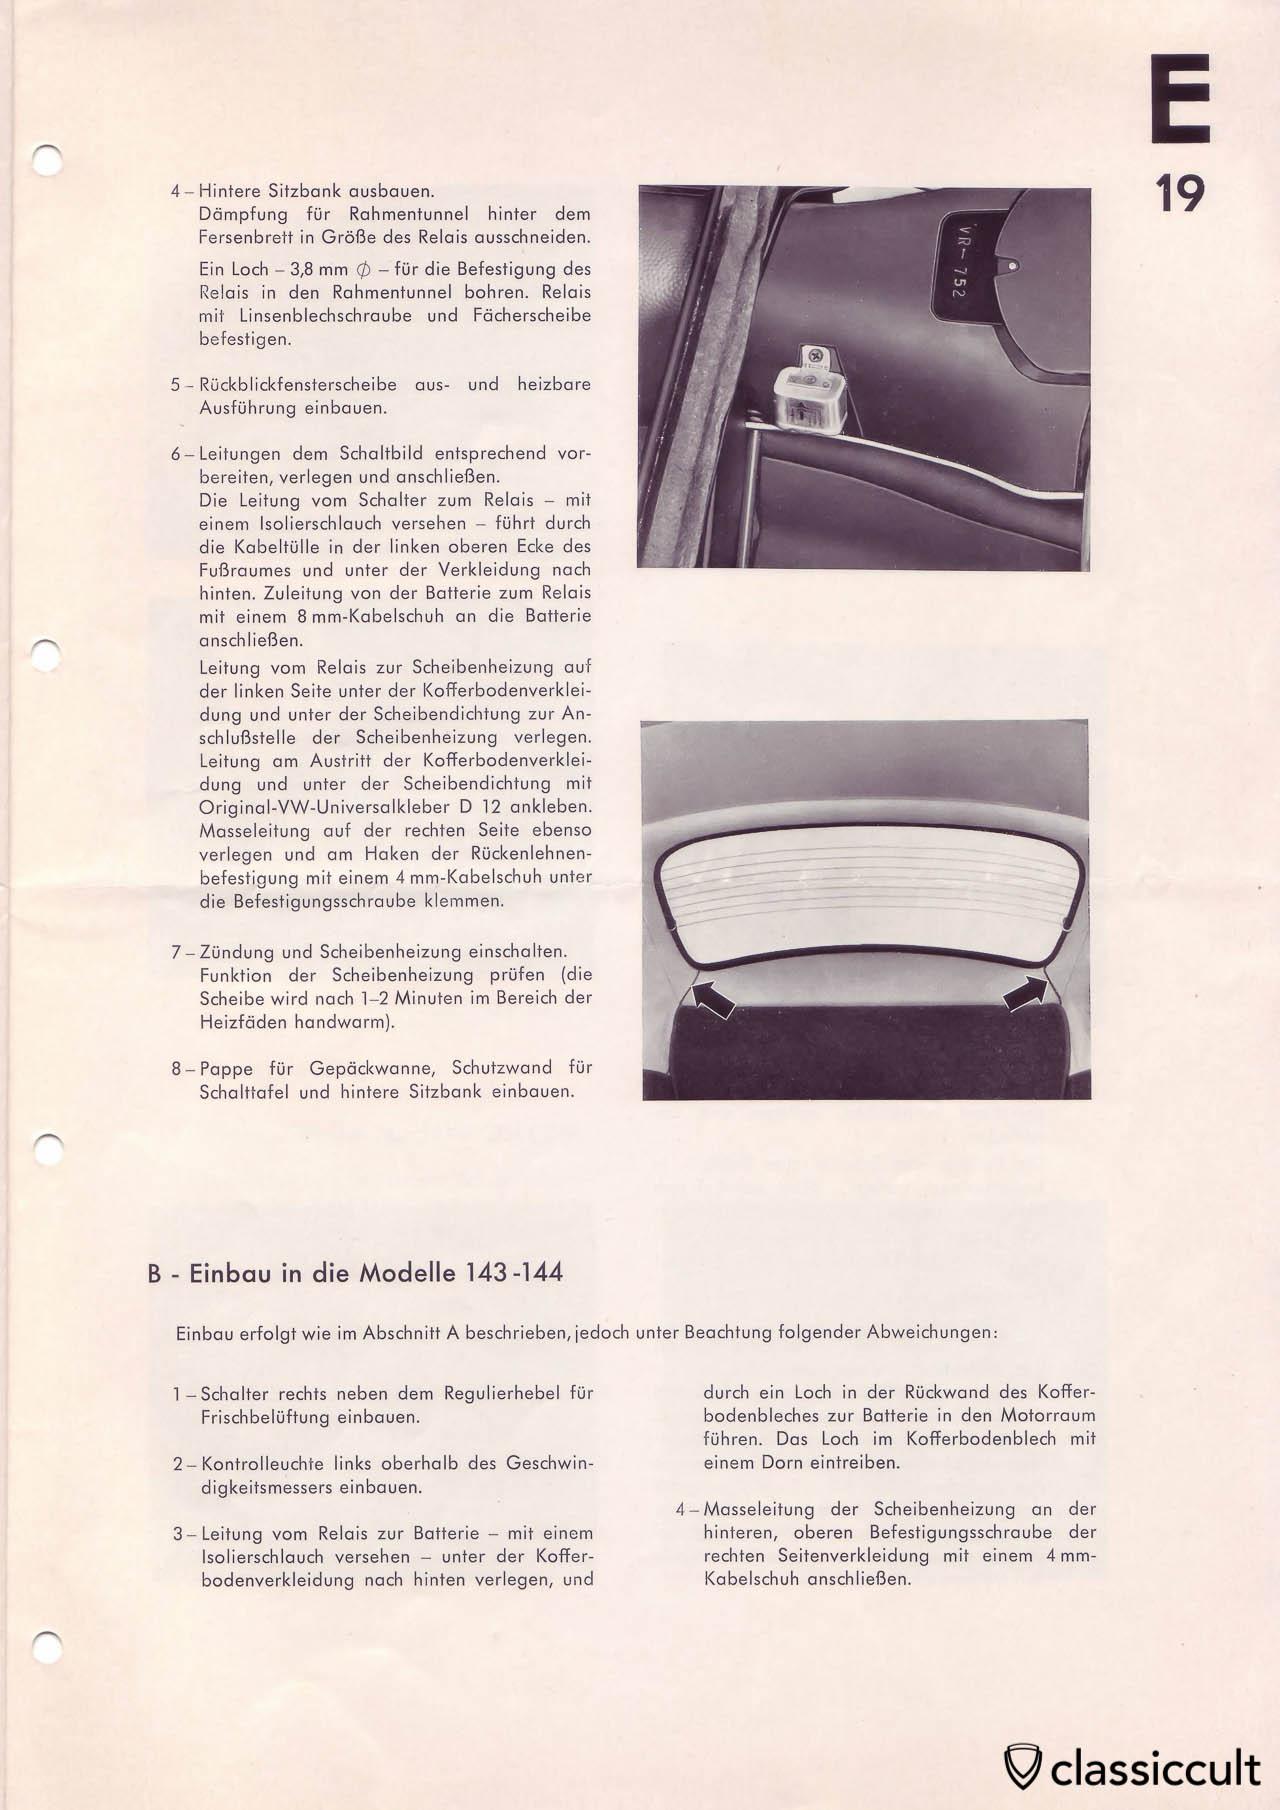 Heated rear window in VW Beetle mounting instructions.